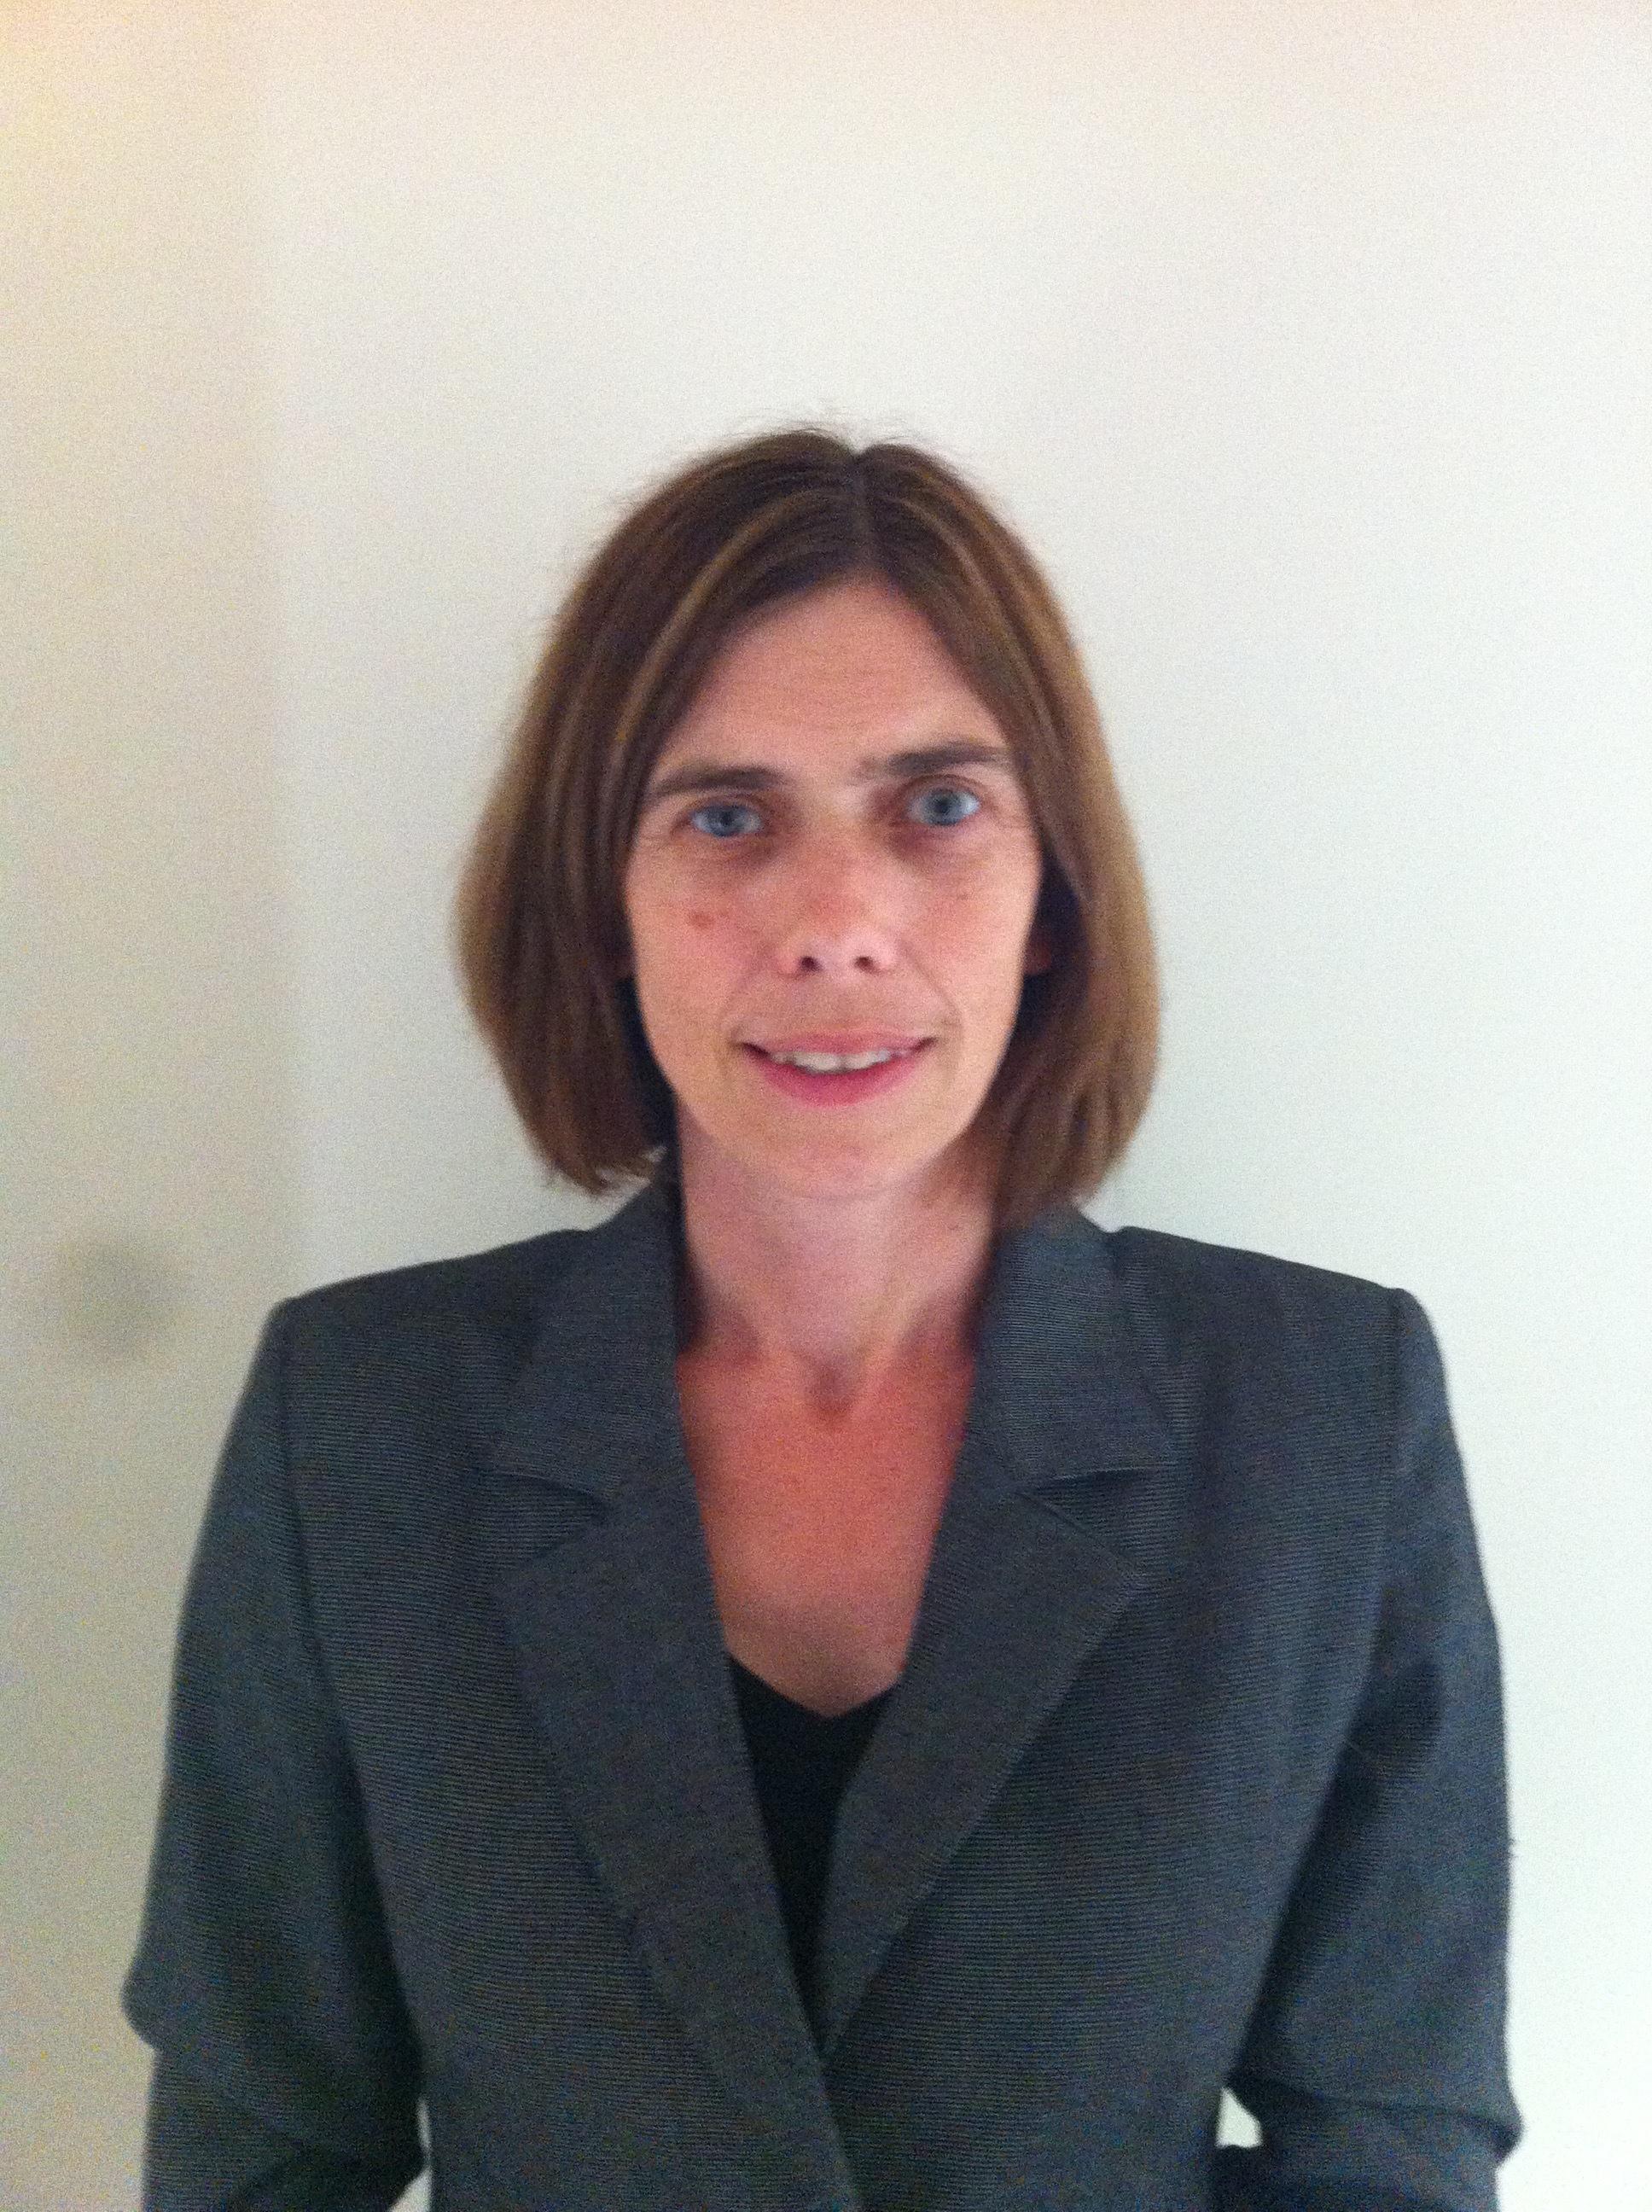 Profile picture of Anthea Cochrane